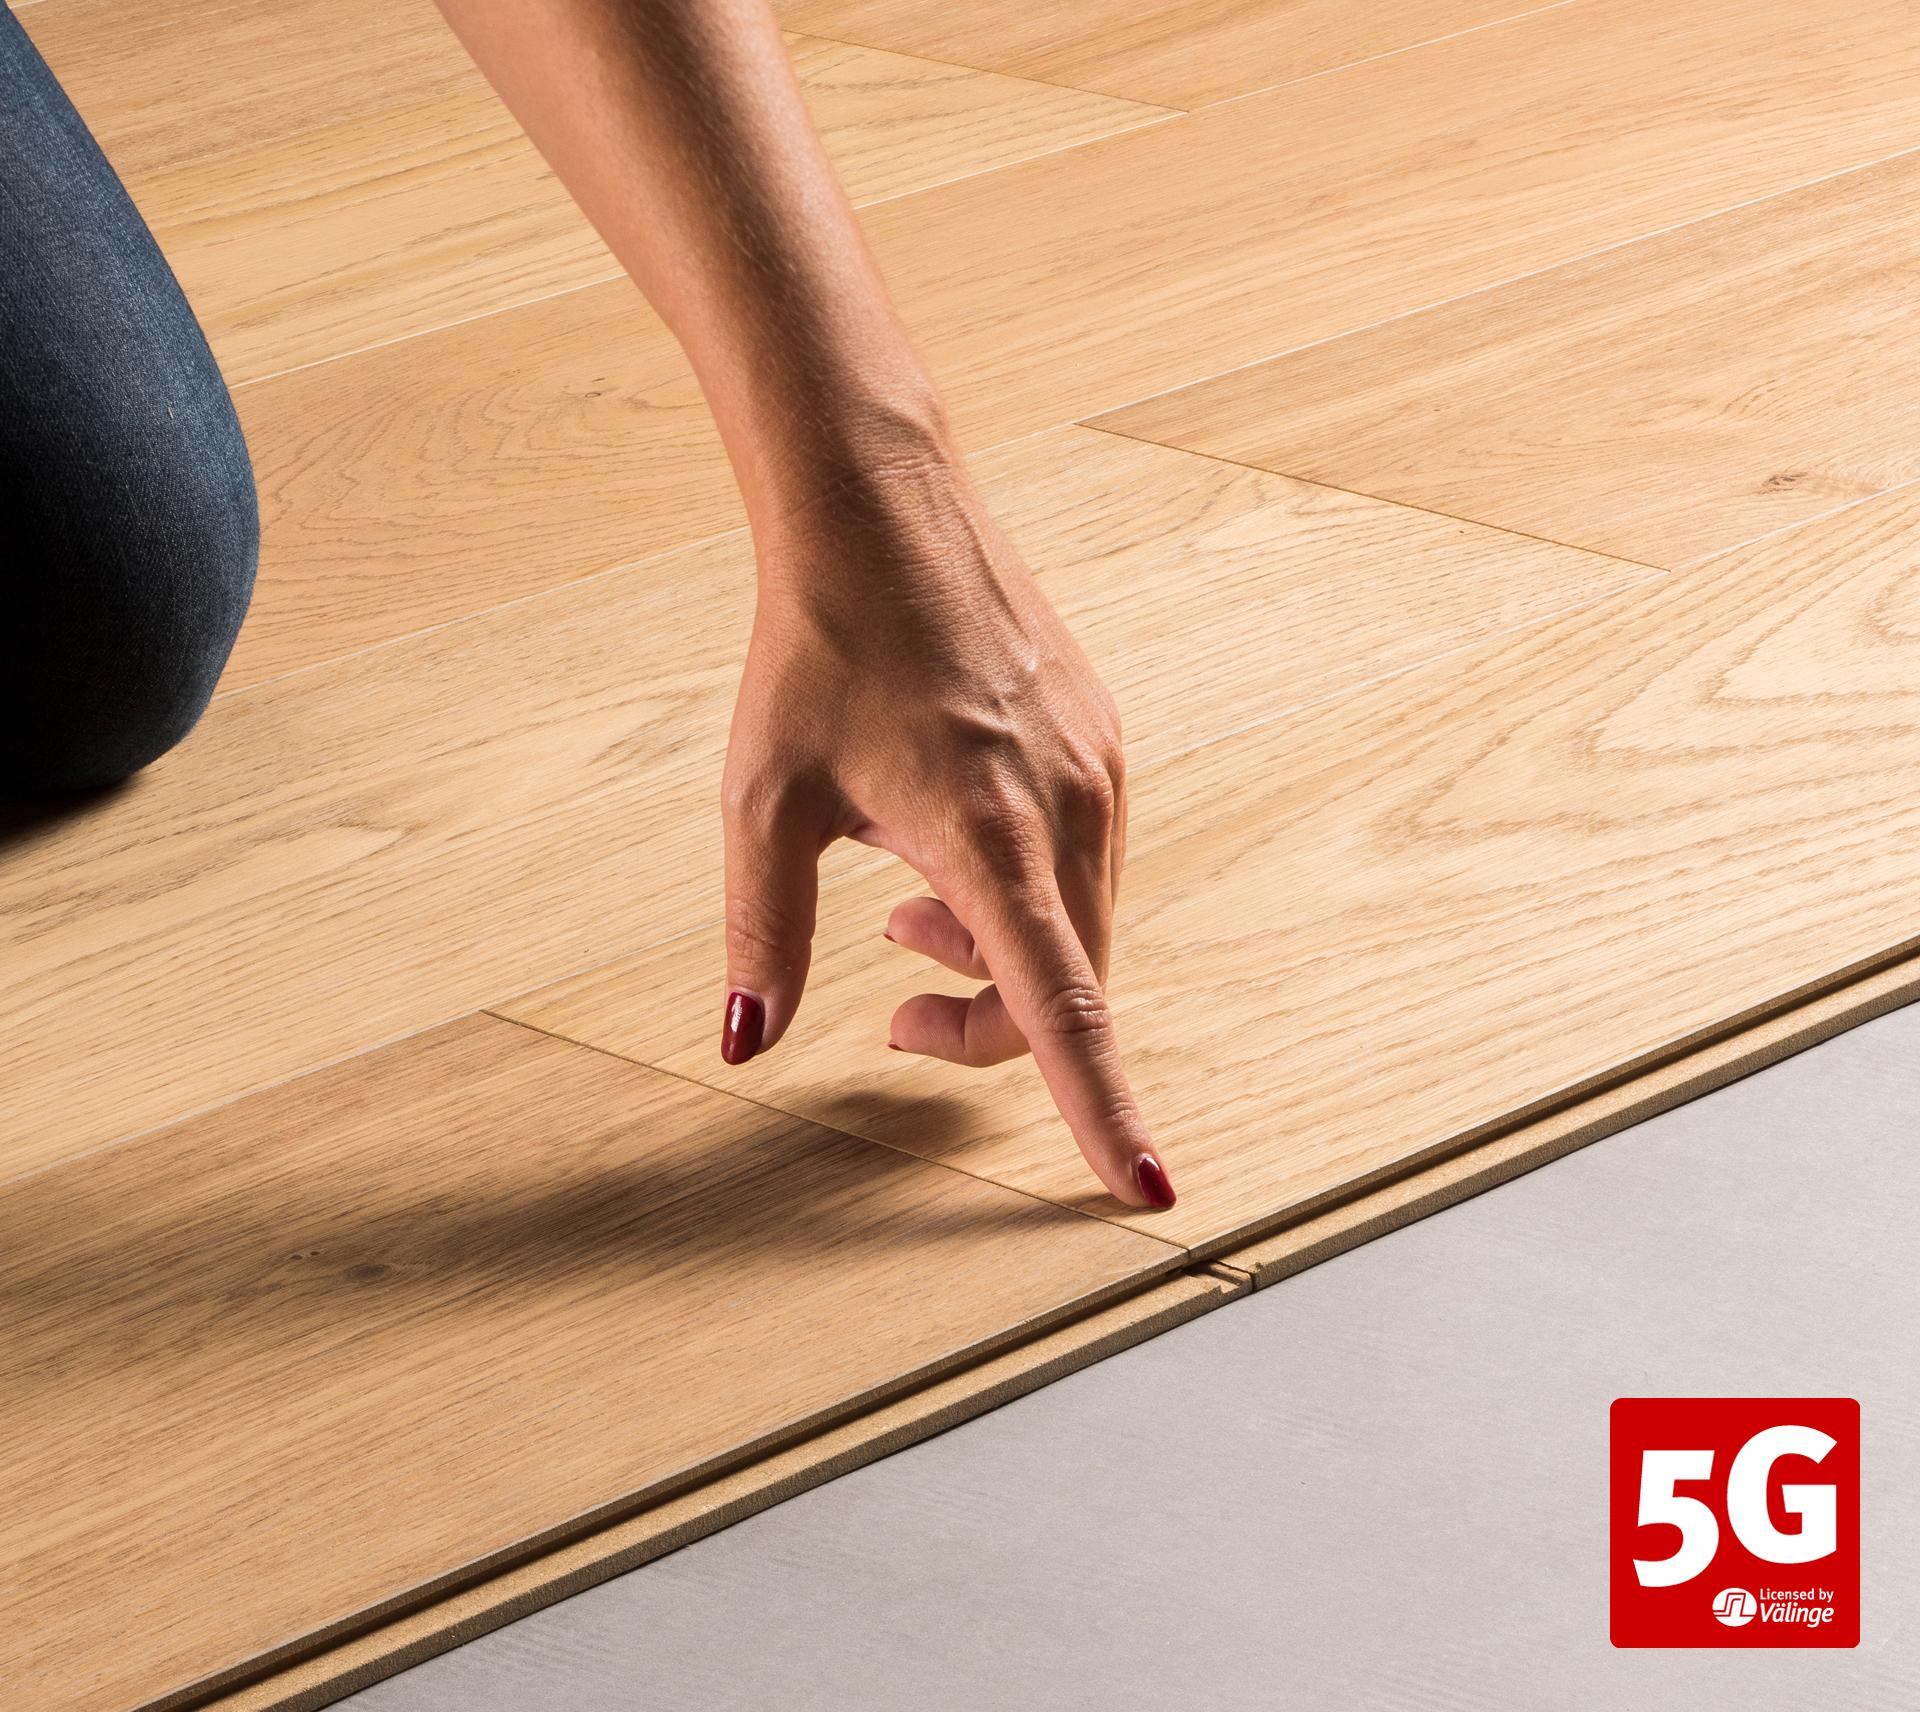 5G-wood_One-finger_WEB+LOGO.jpg